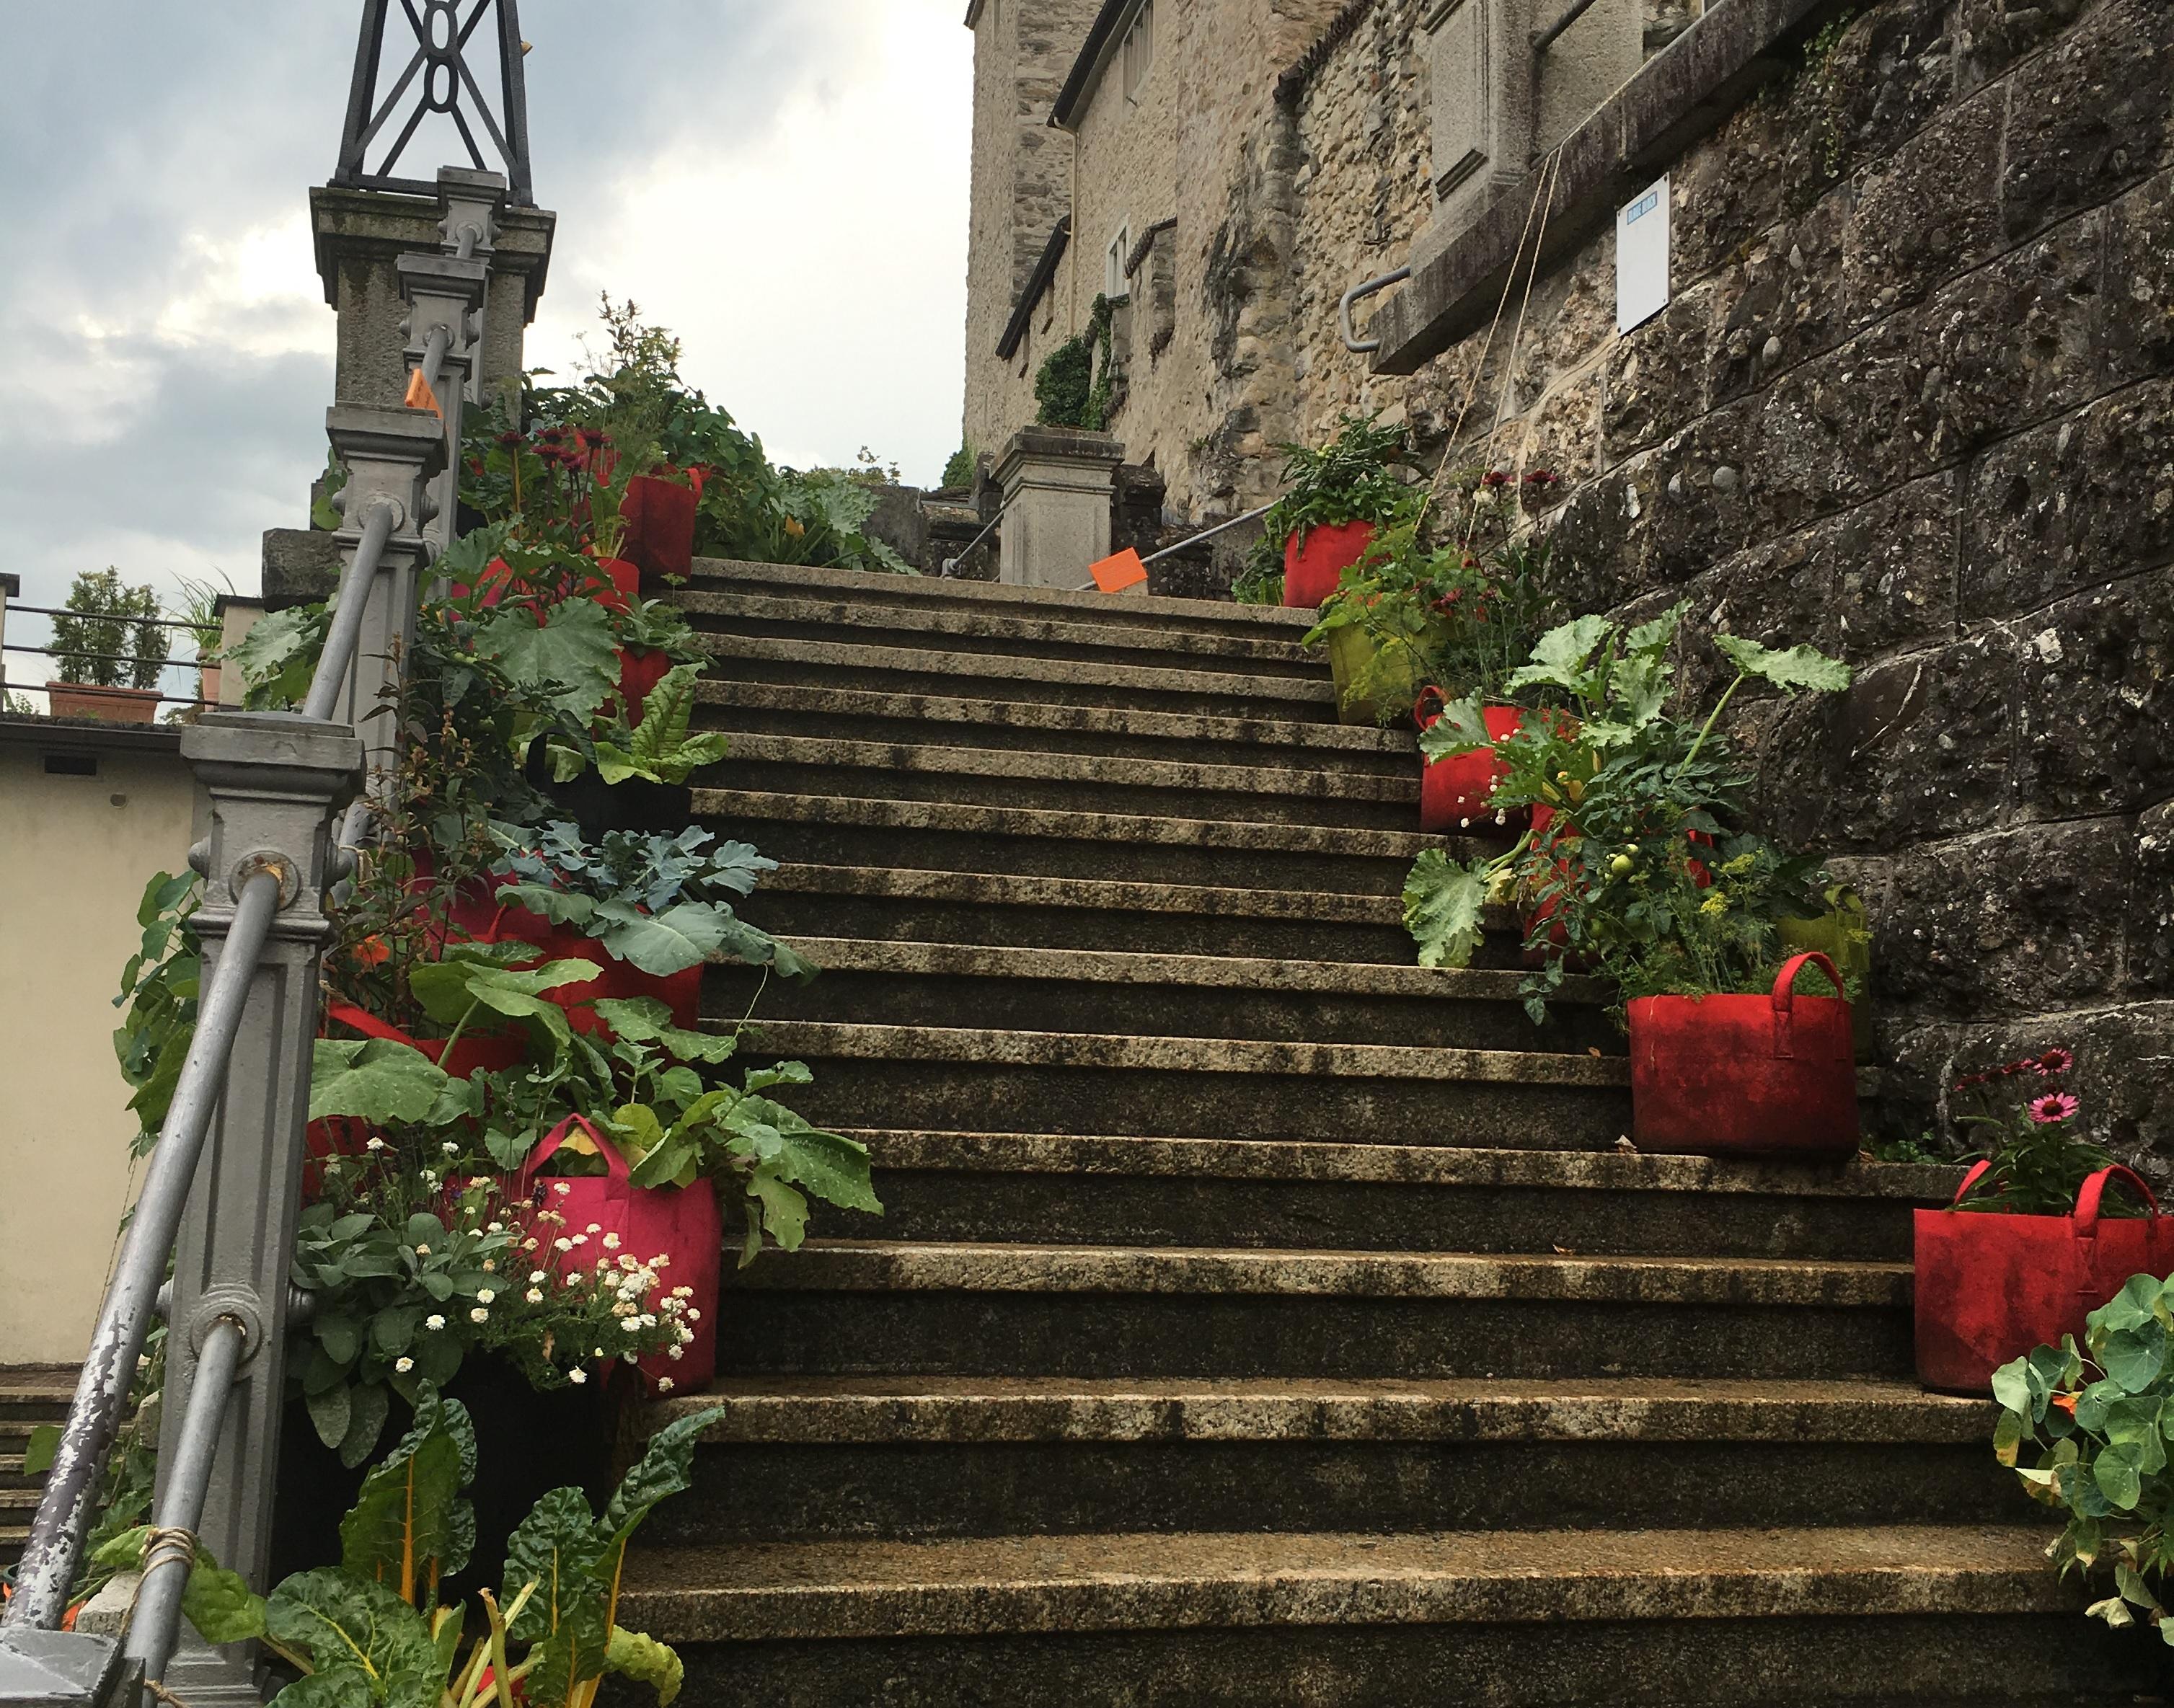 創意生活|一顆種子的魔幻力量 蘇黎世的園丁生活運動